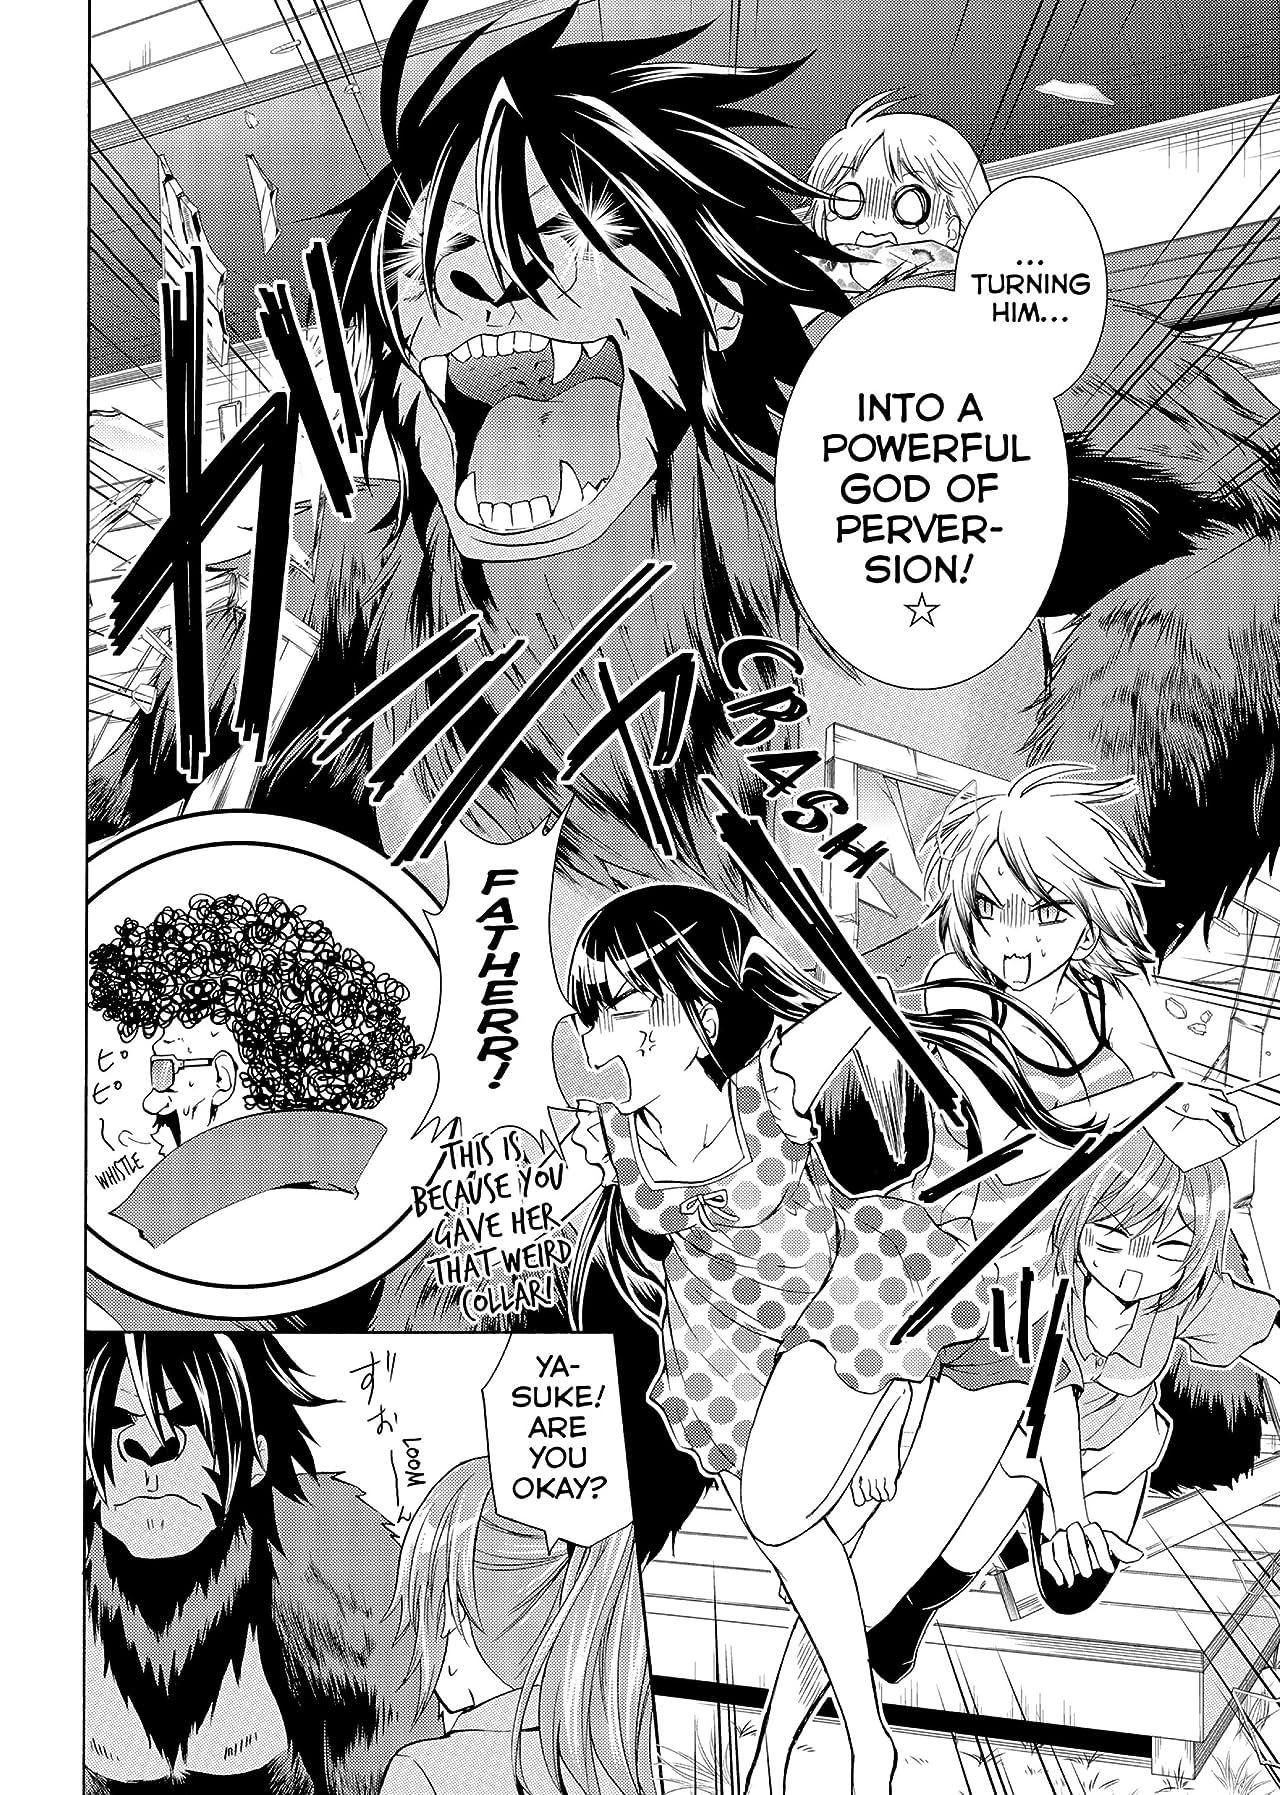 Maga-Tsuki #53